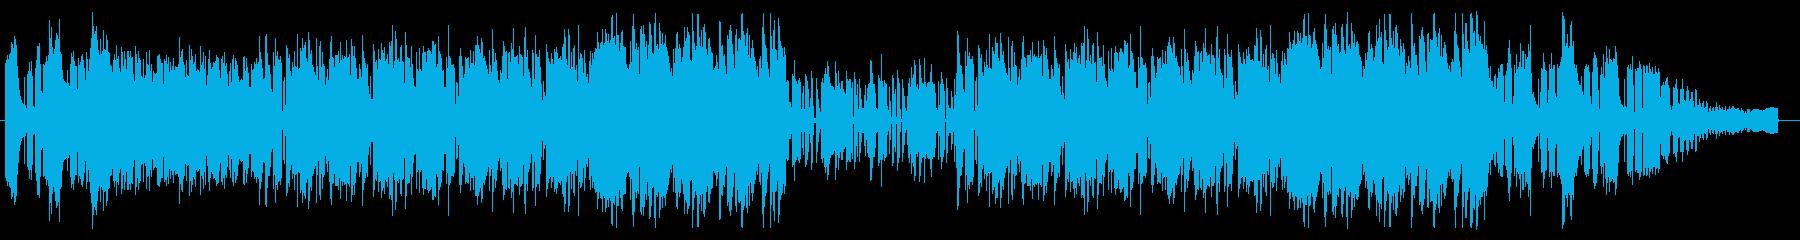 危険でスリリングなロックオーケストラの再生済みの波形